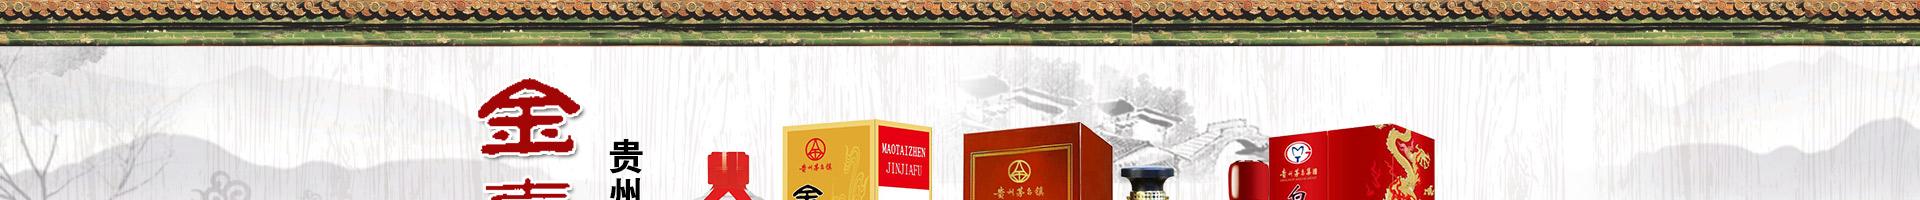 金嘉福酒全国营销中心